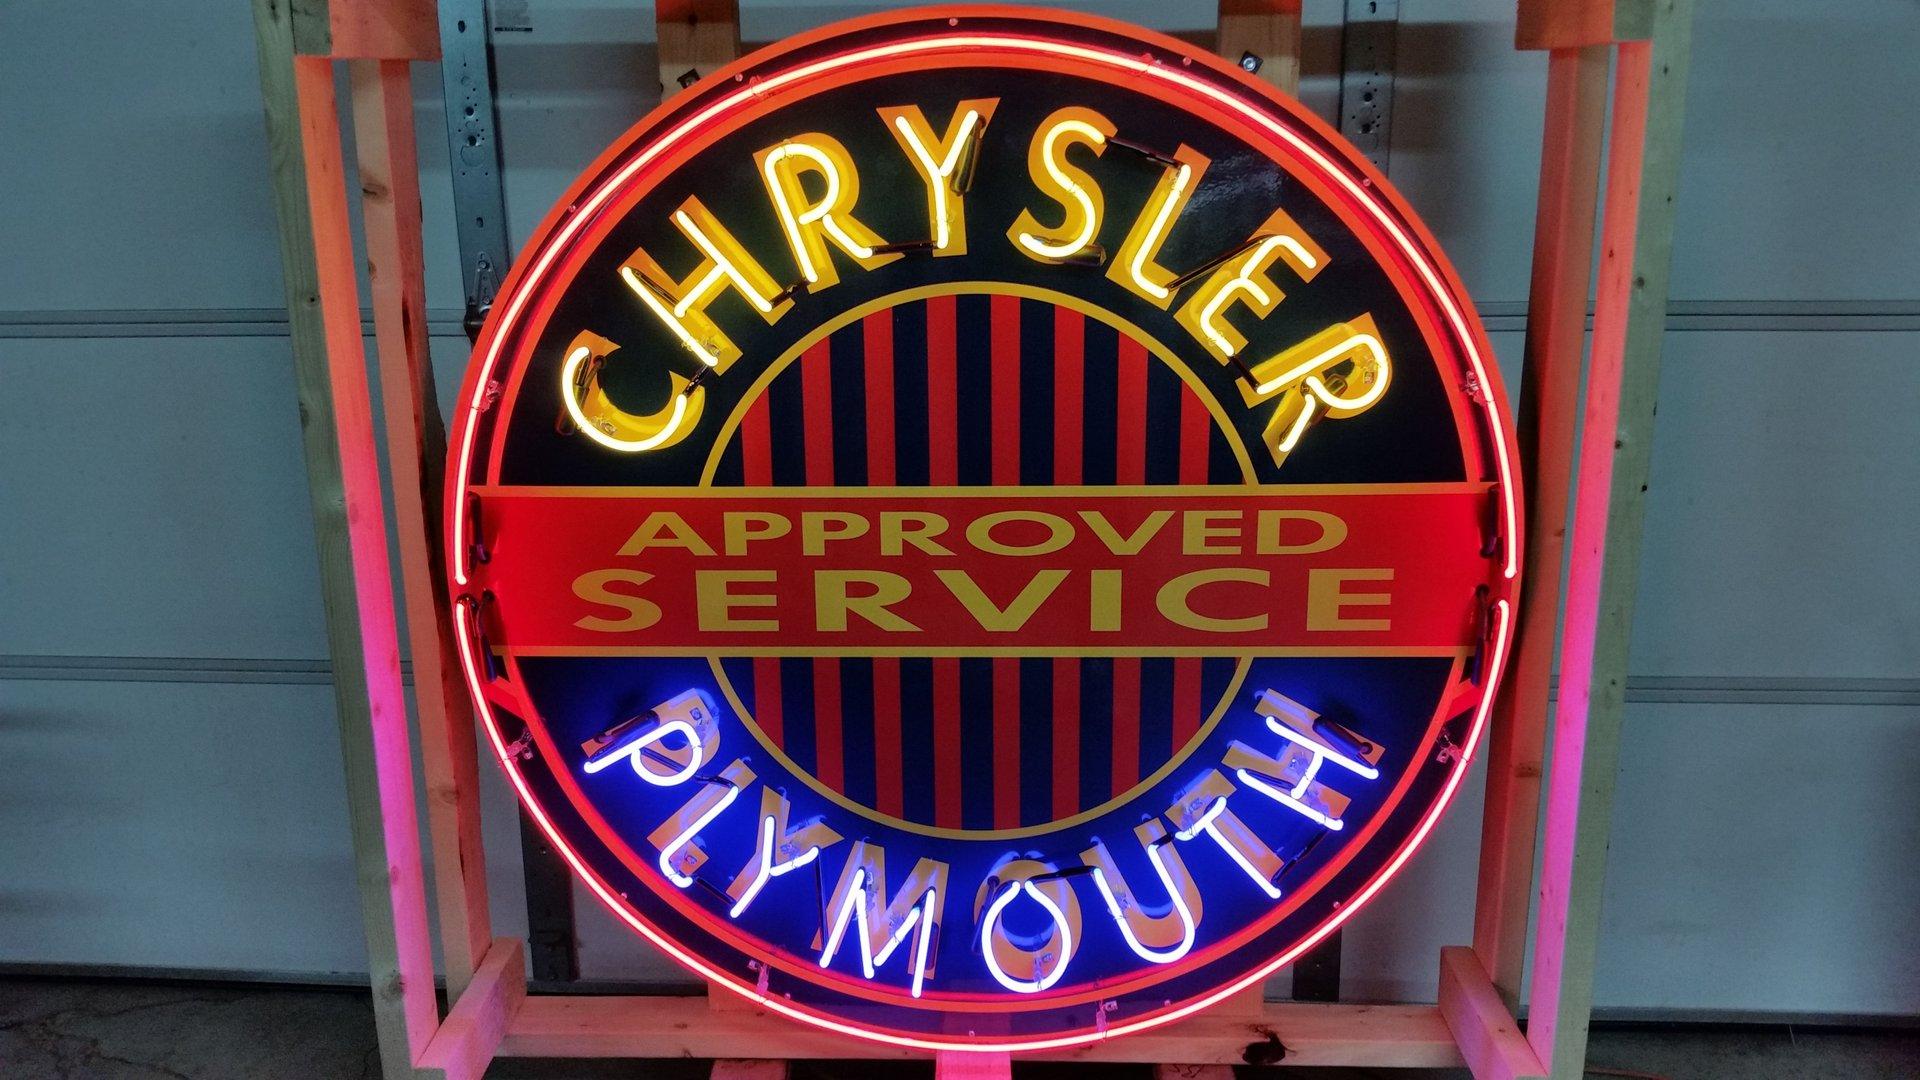 Chrysler plymouth tin neon sign